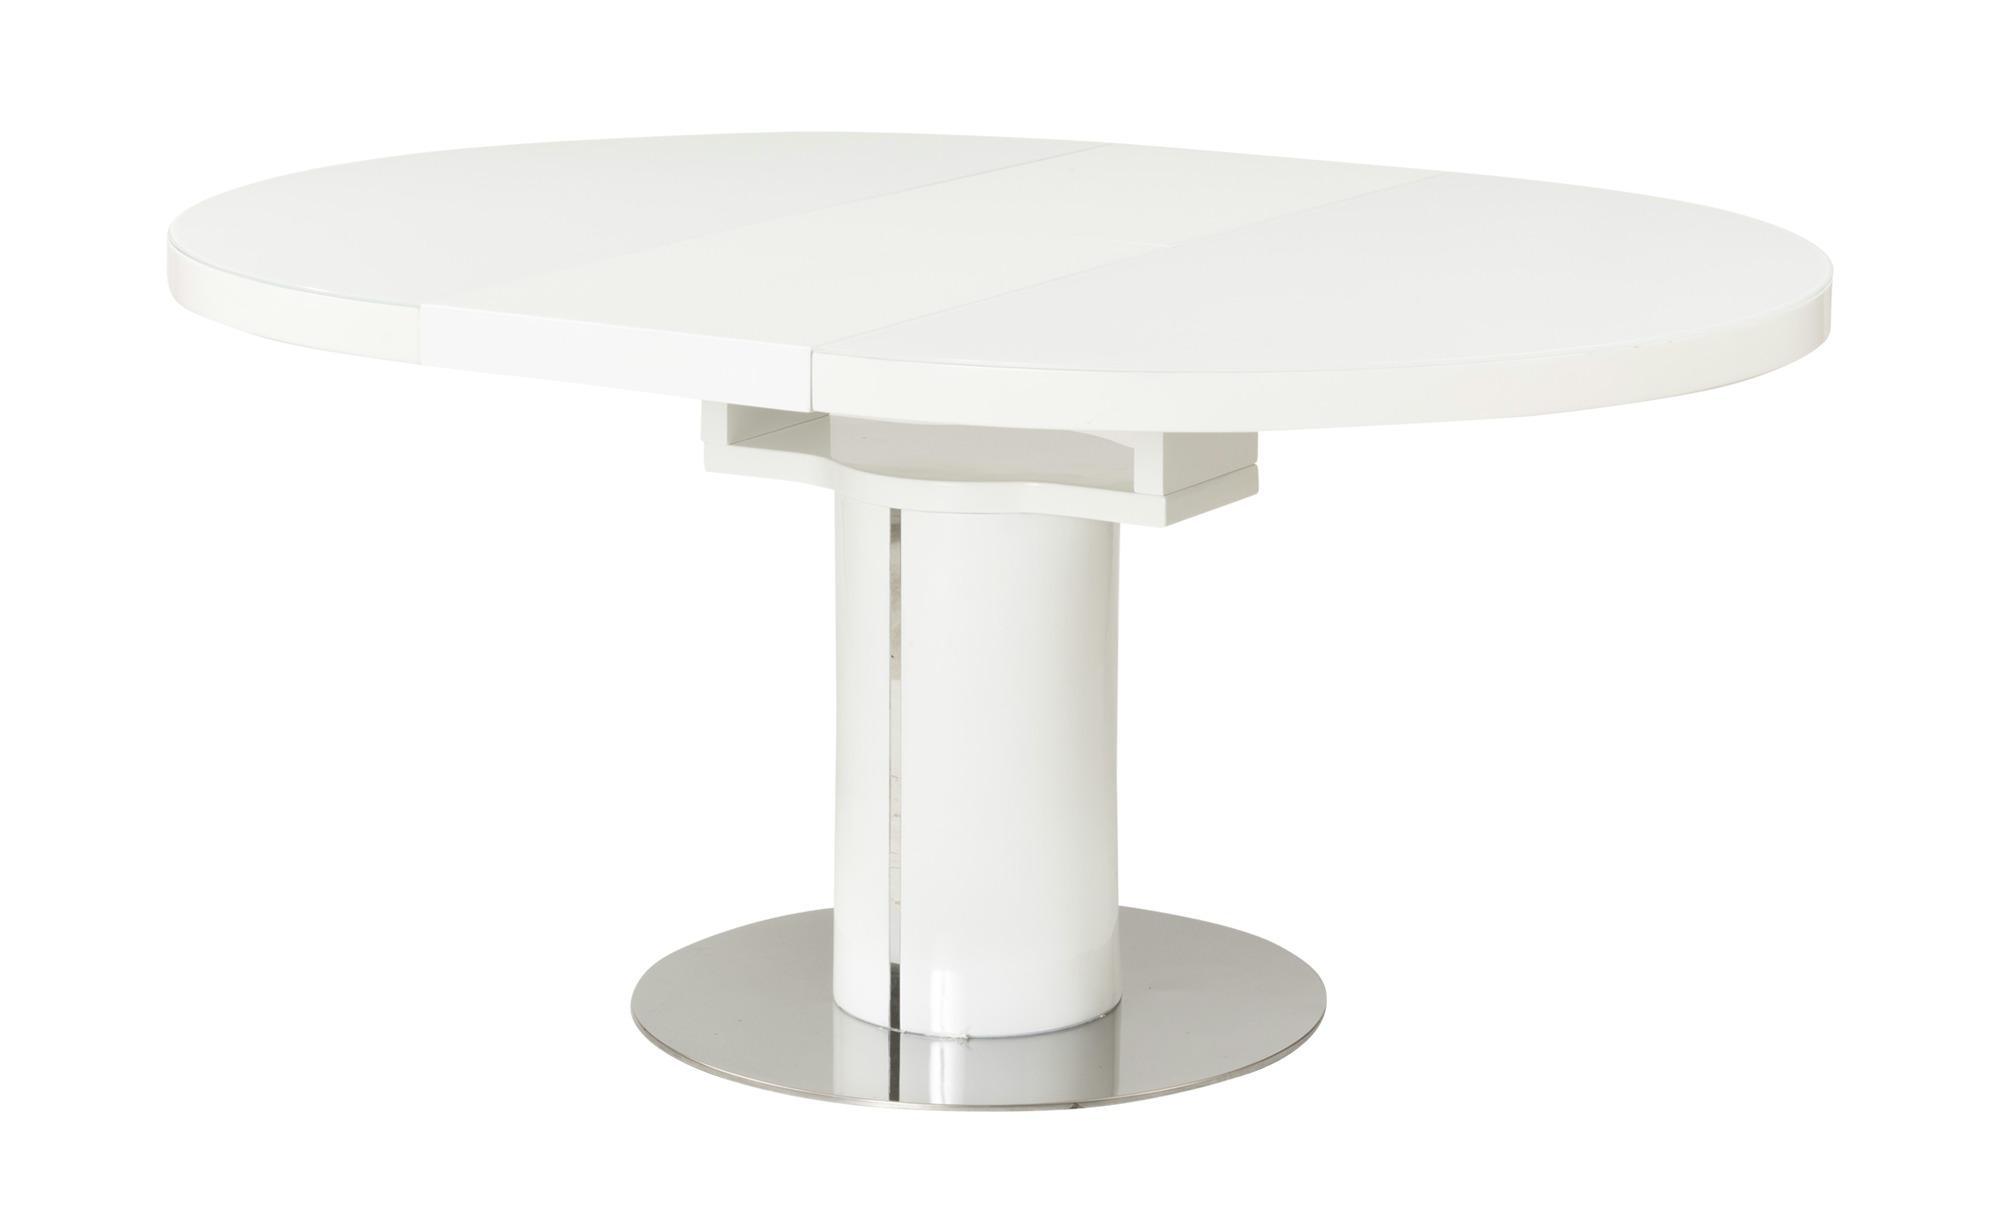 Esstisch Rund Weiß Ausziehbar 100 Cm